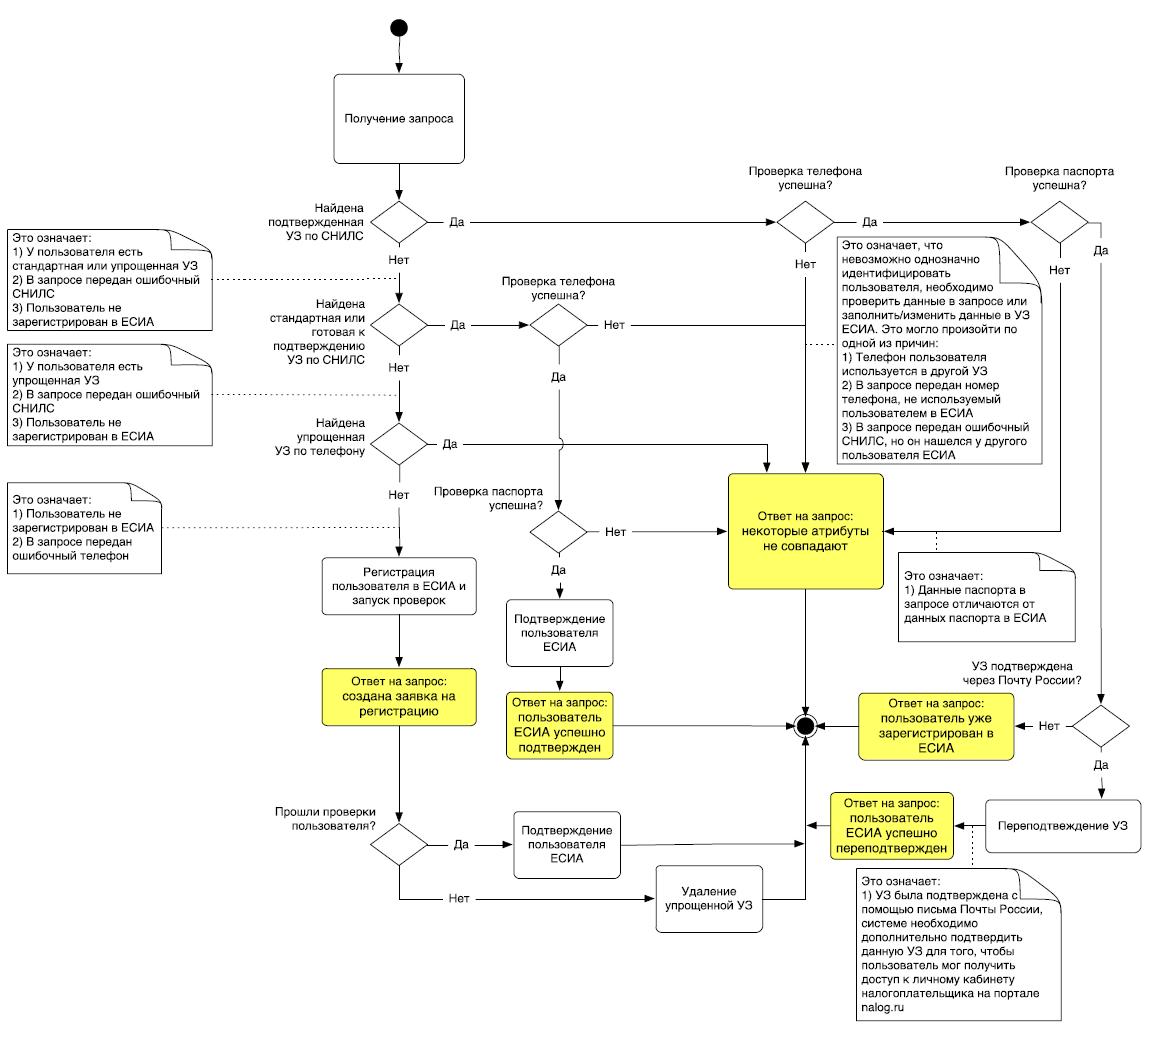 Схема использования сервиса импорта учетной записи в ЕСИА